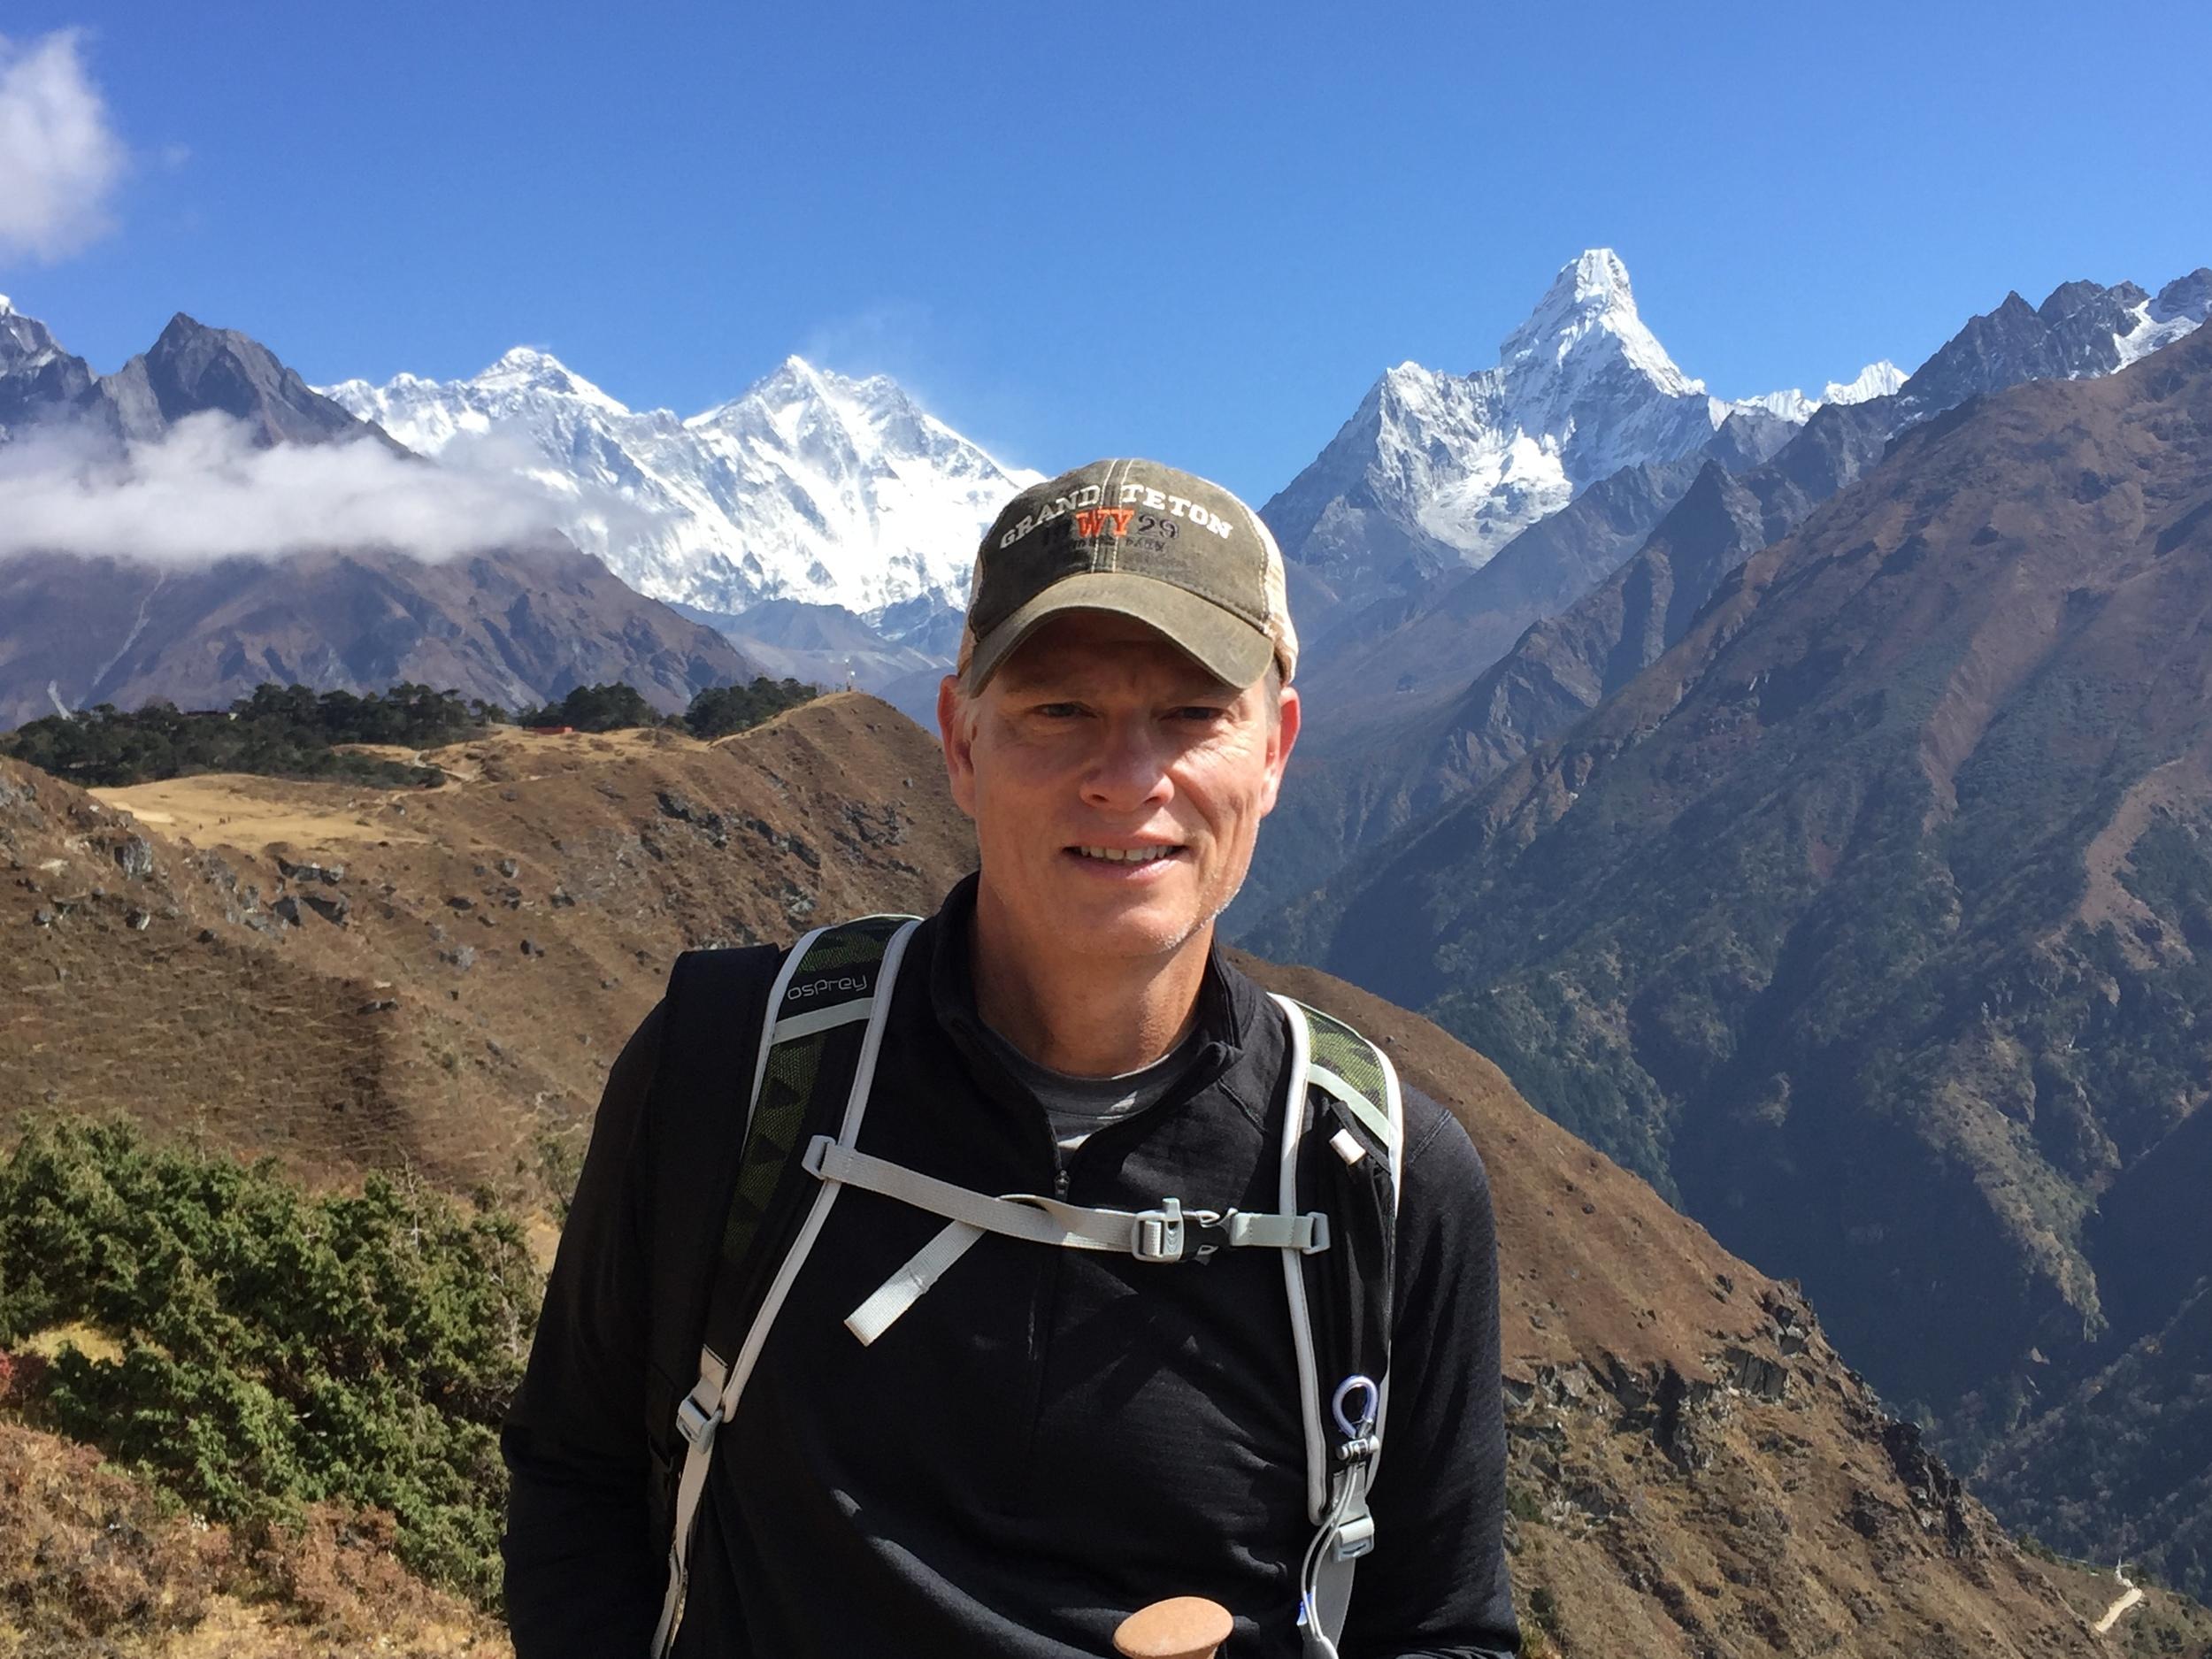 October, 2015, on the Everest Base Camp trek. Magnificent Aba Dablam lurks over my shoulder.